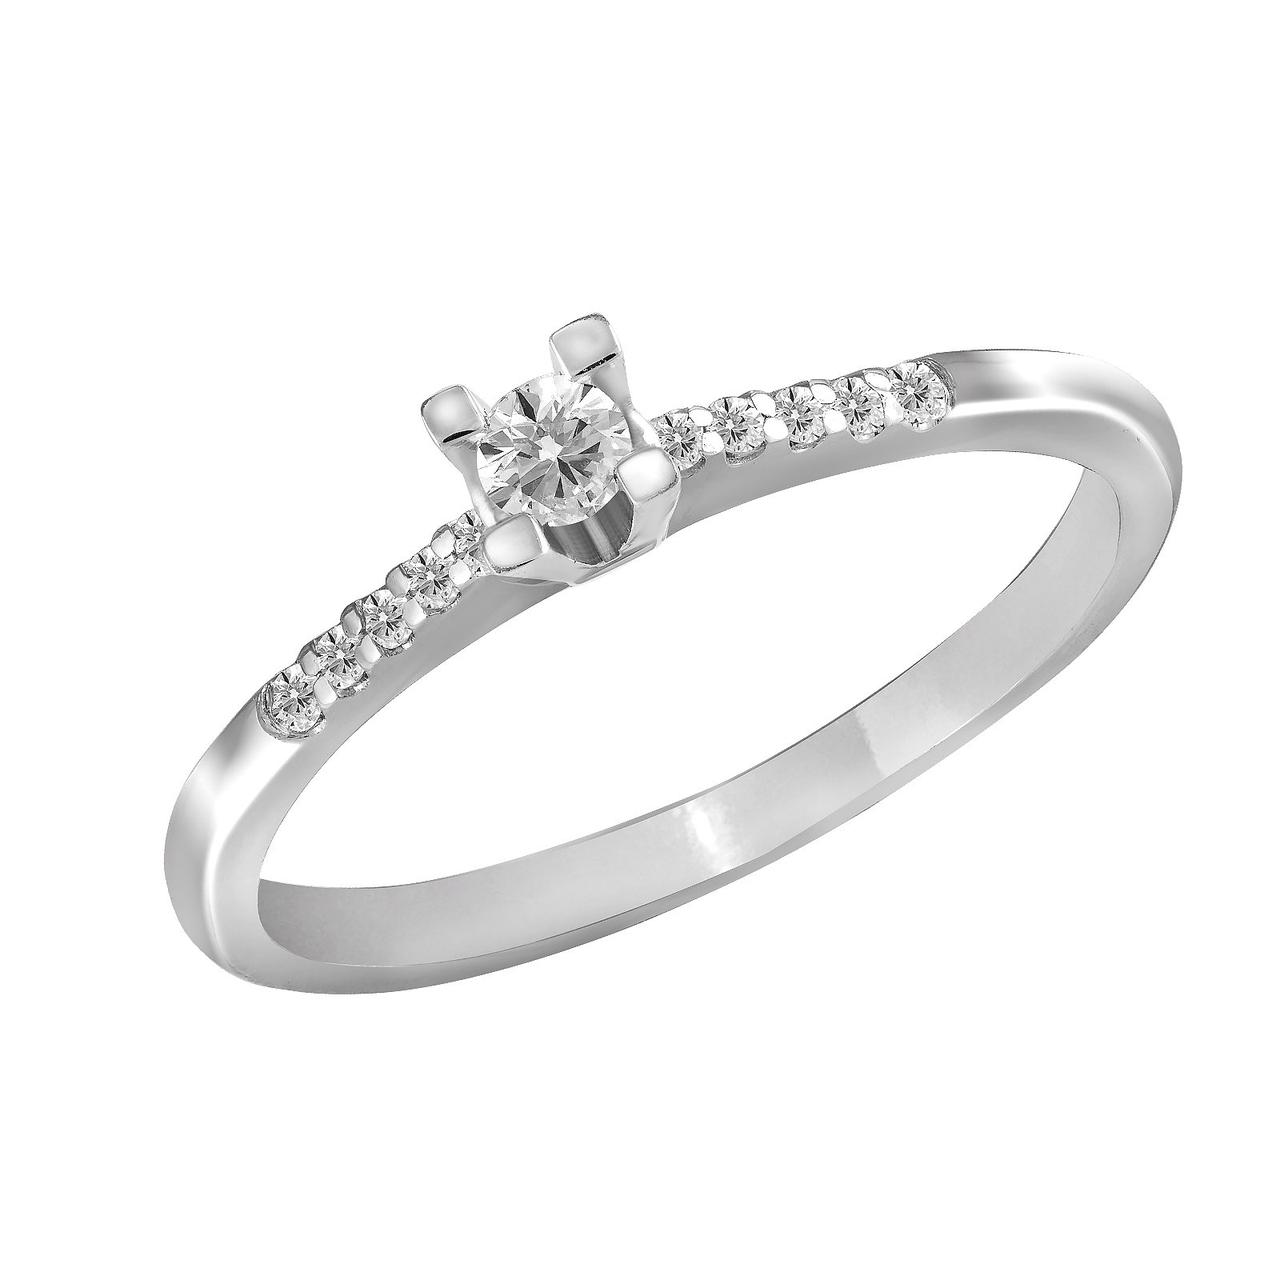 Золотое кольцо с бриллиантами, размер 17 (868927)